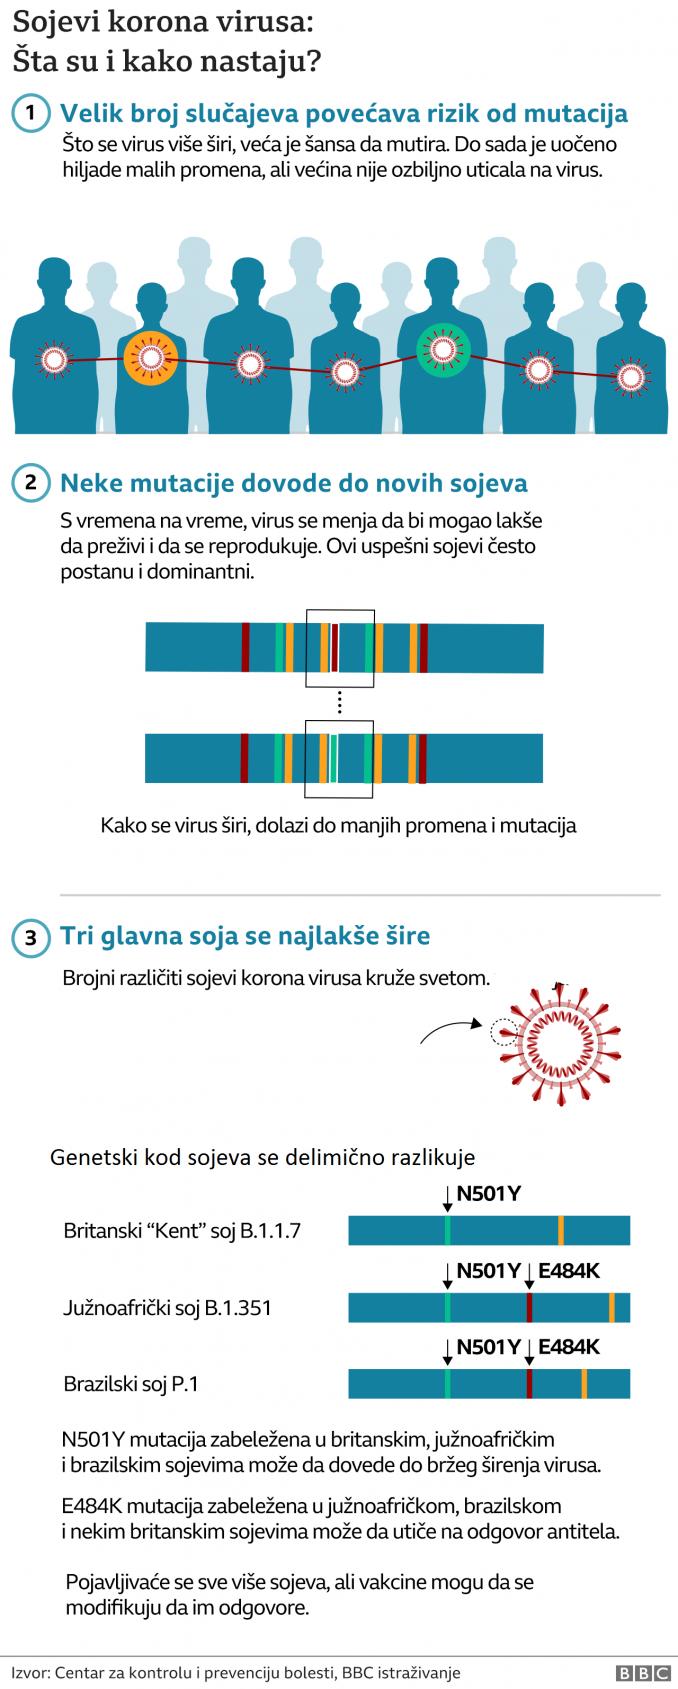 Korona virus: Još jedan vikend u Srbiji sa strožim merama, SZO odobrila vakcinu Džonson i Džonson 5